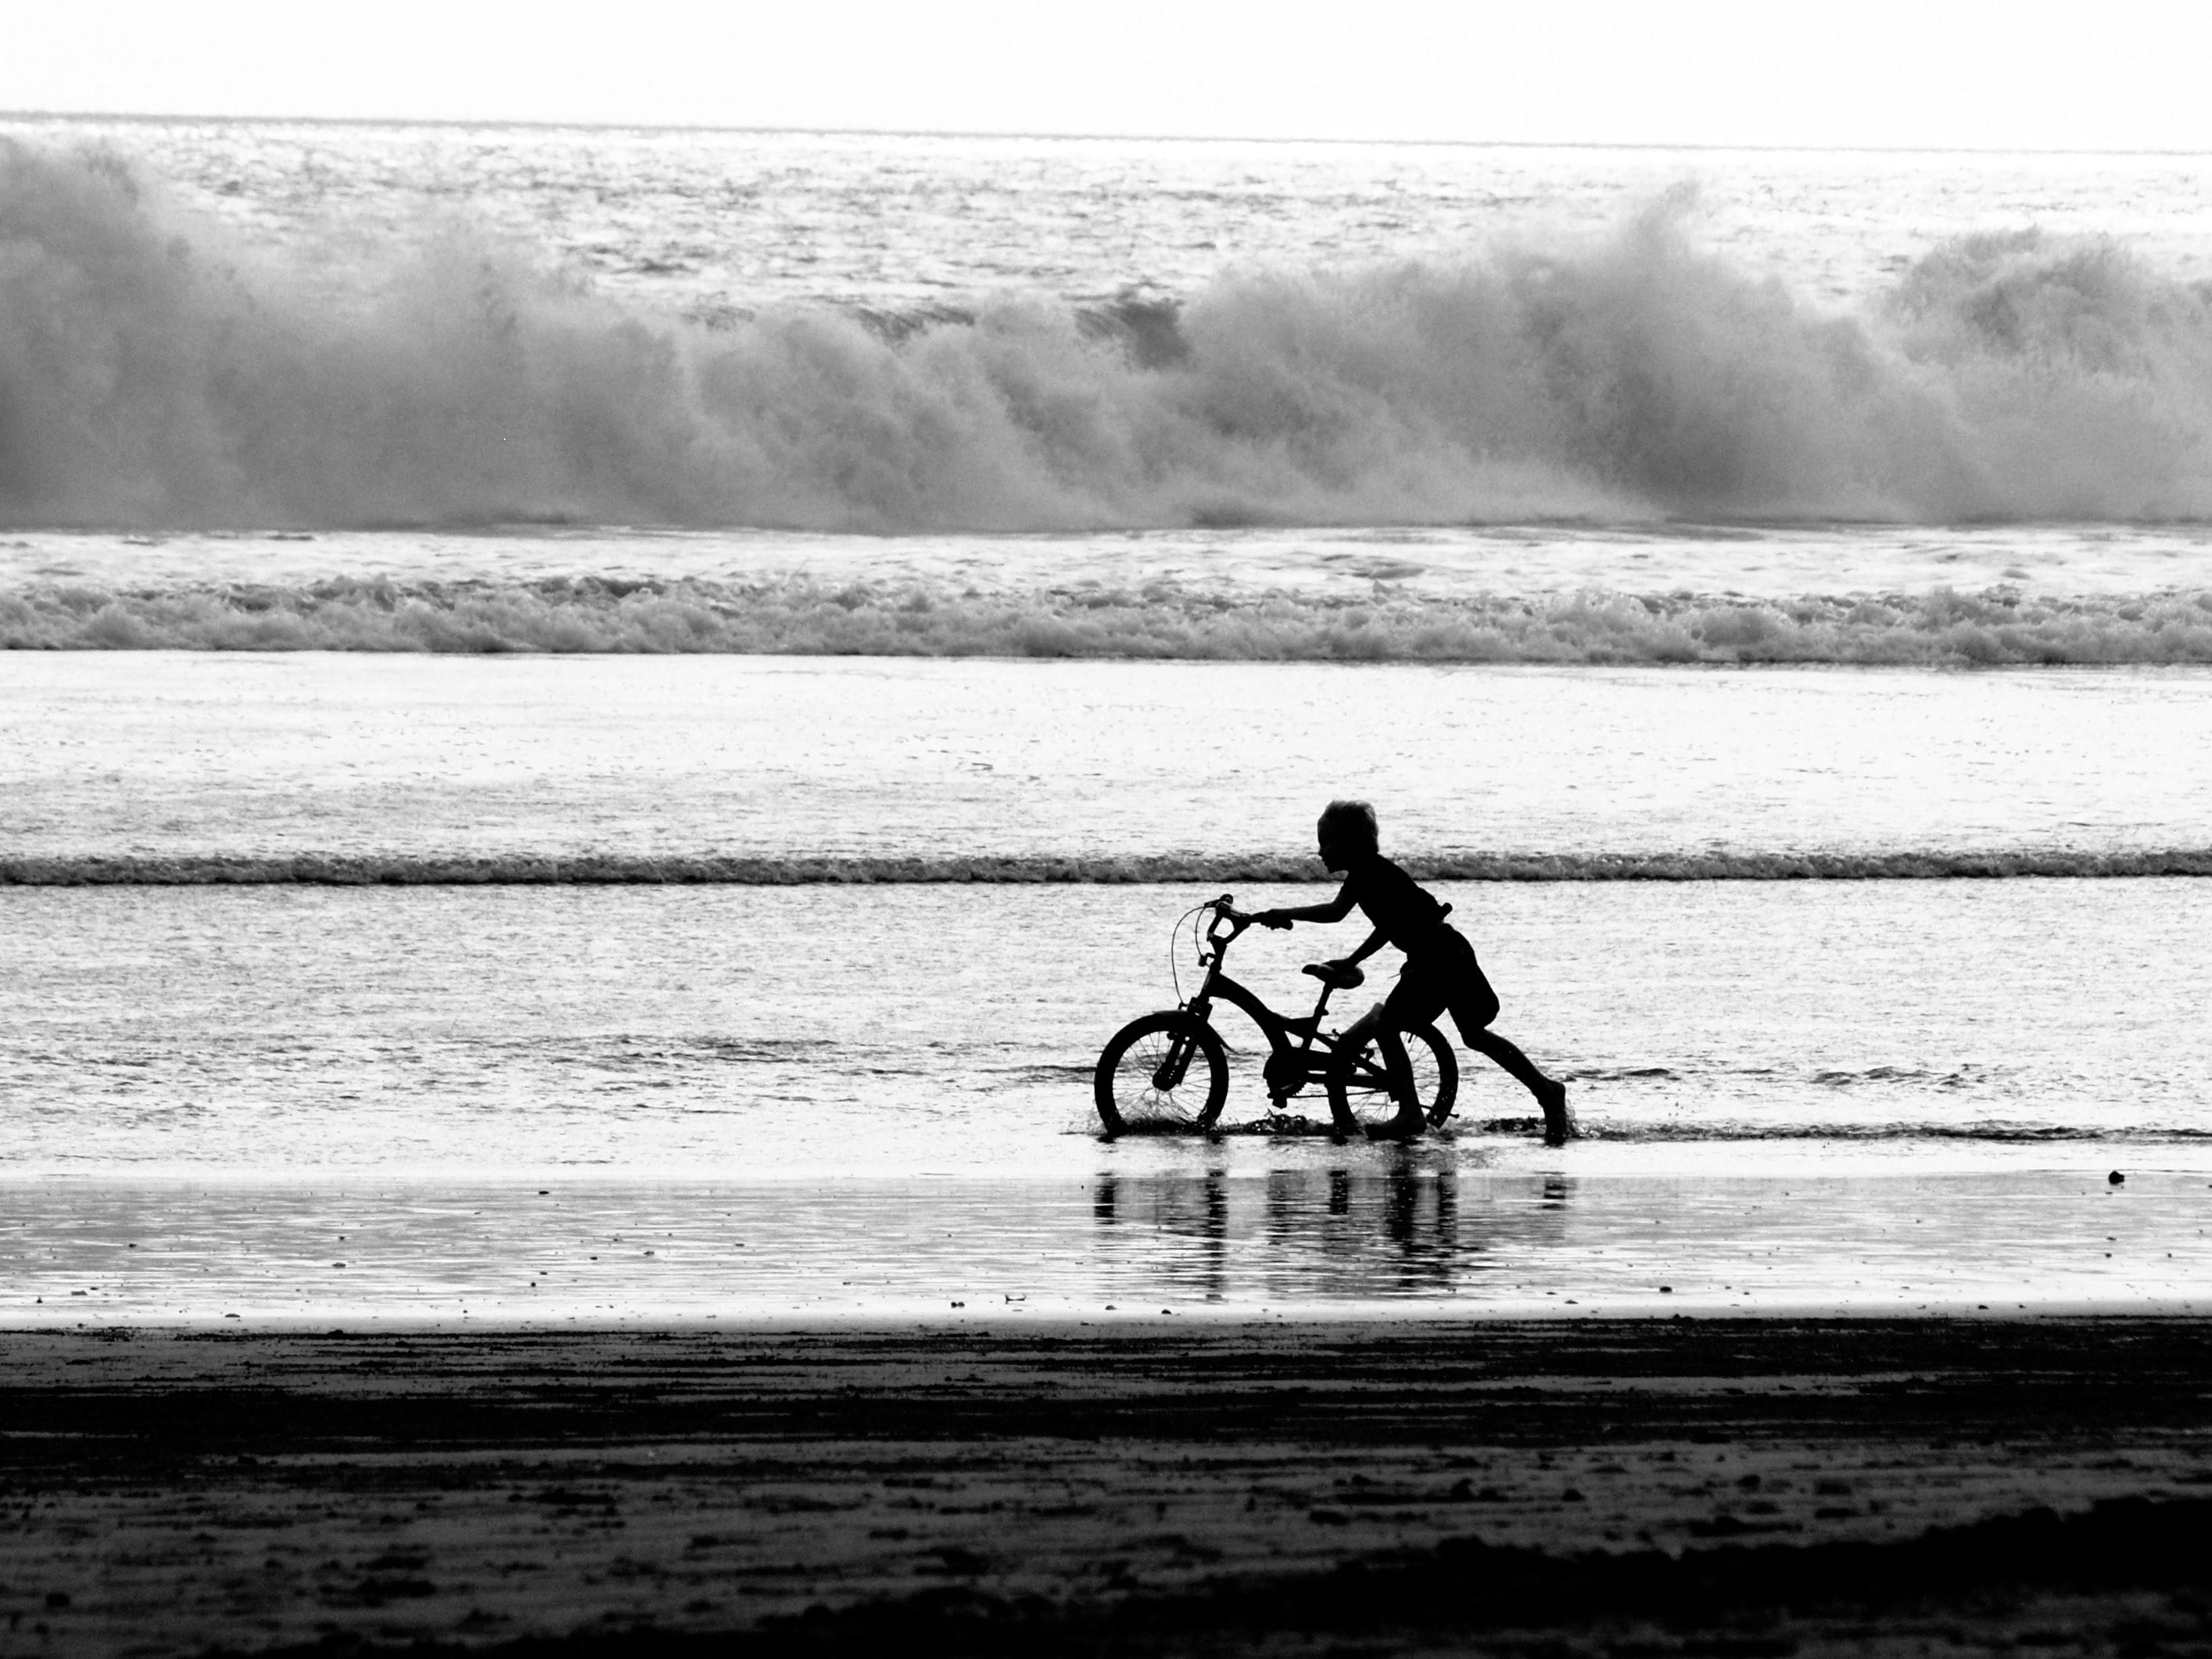 boy pulling bicycle on lake during daytime